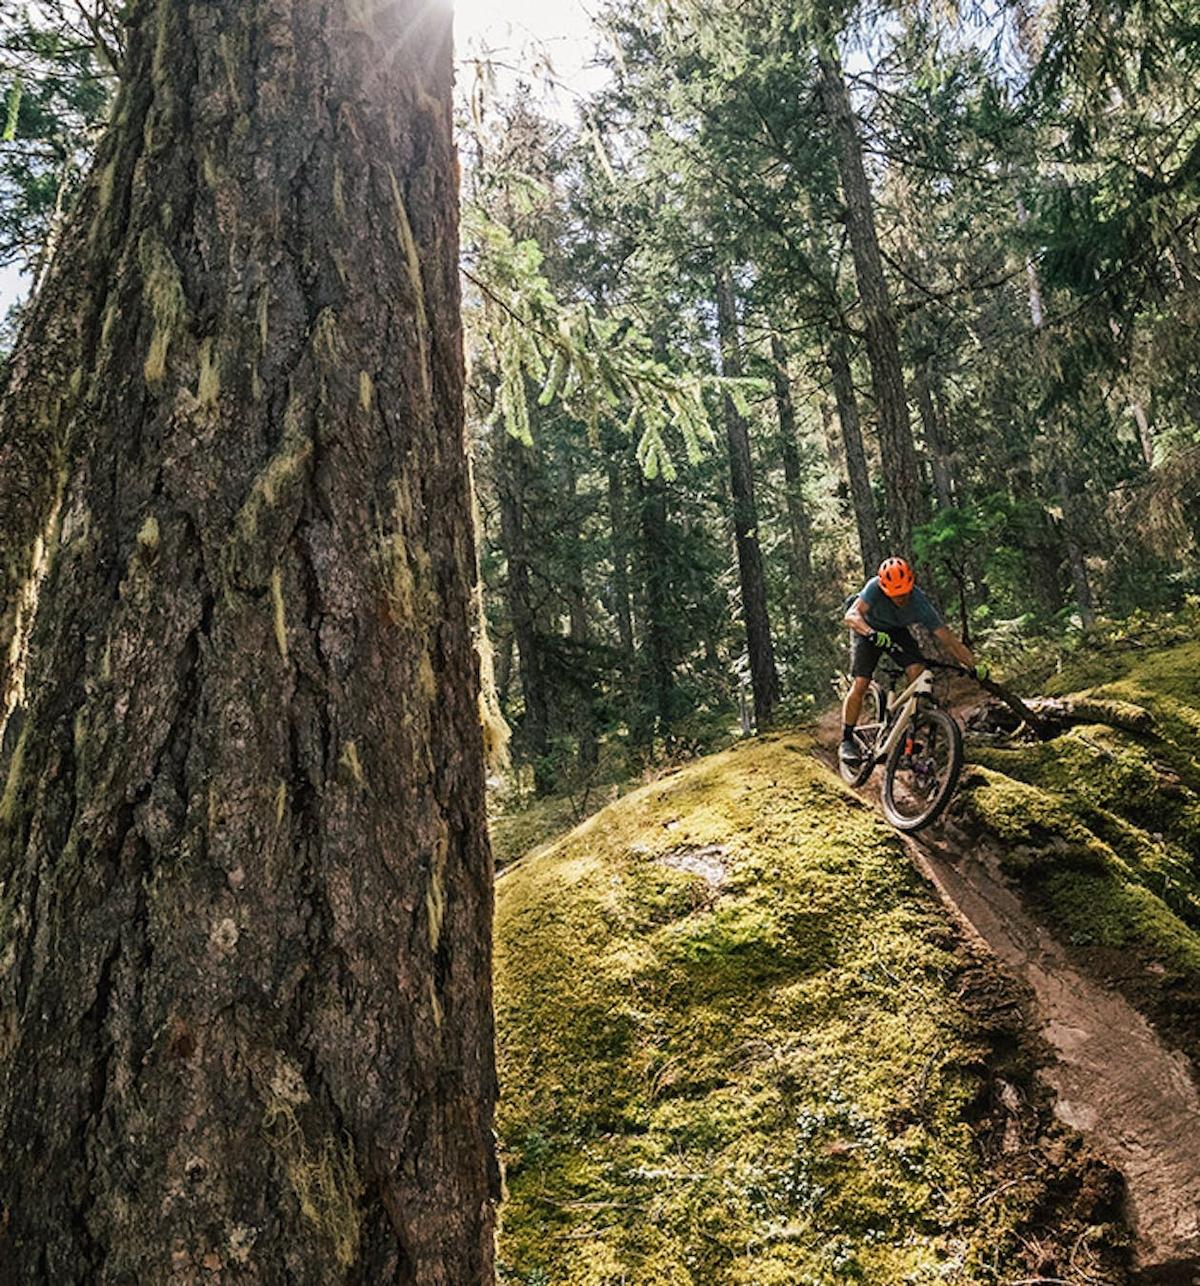 Riding the Santa Cruz Tallboy down a rocky slab in the forest